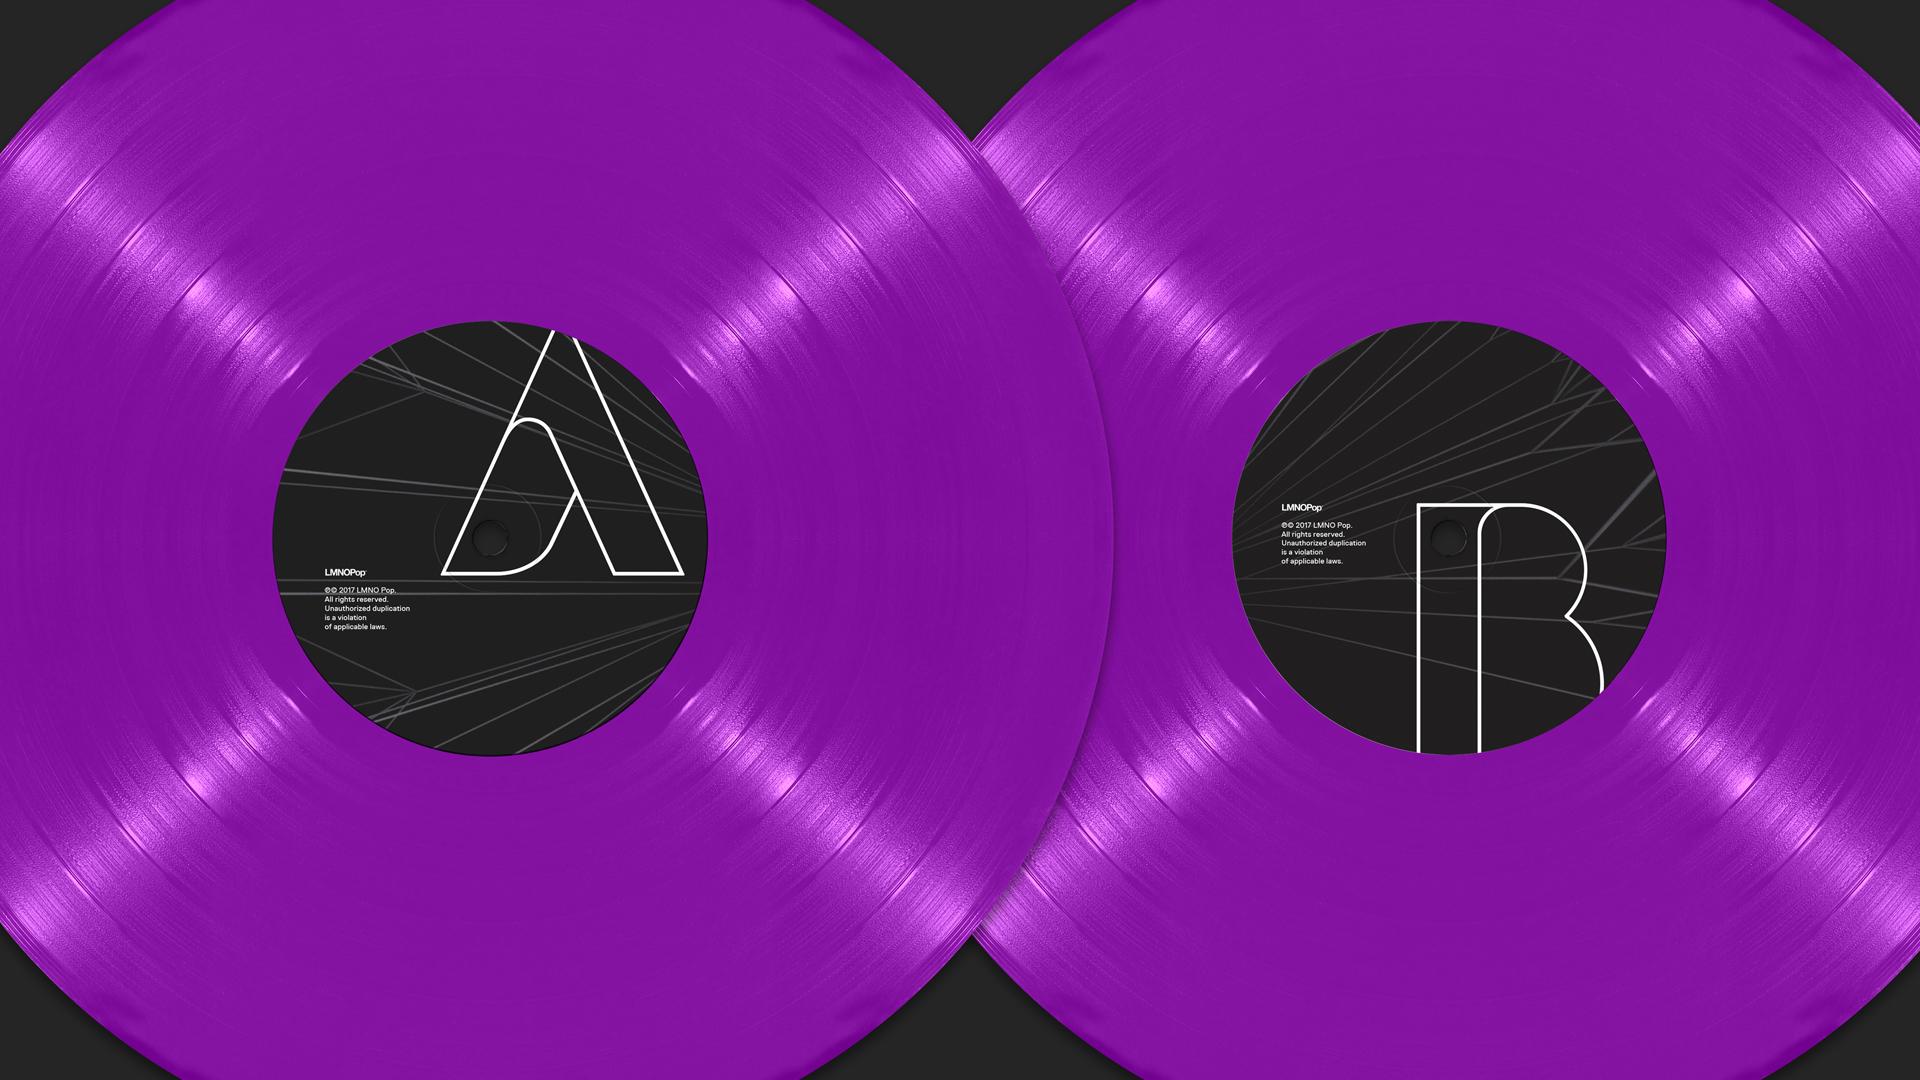 TVP_Parachute_vinyl_1920x1080_01_0002_Pu